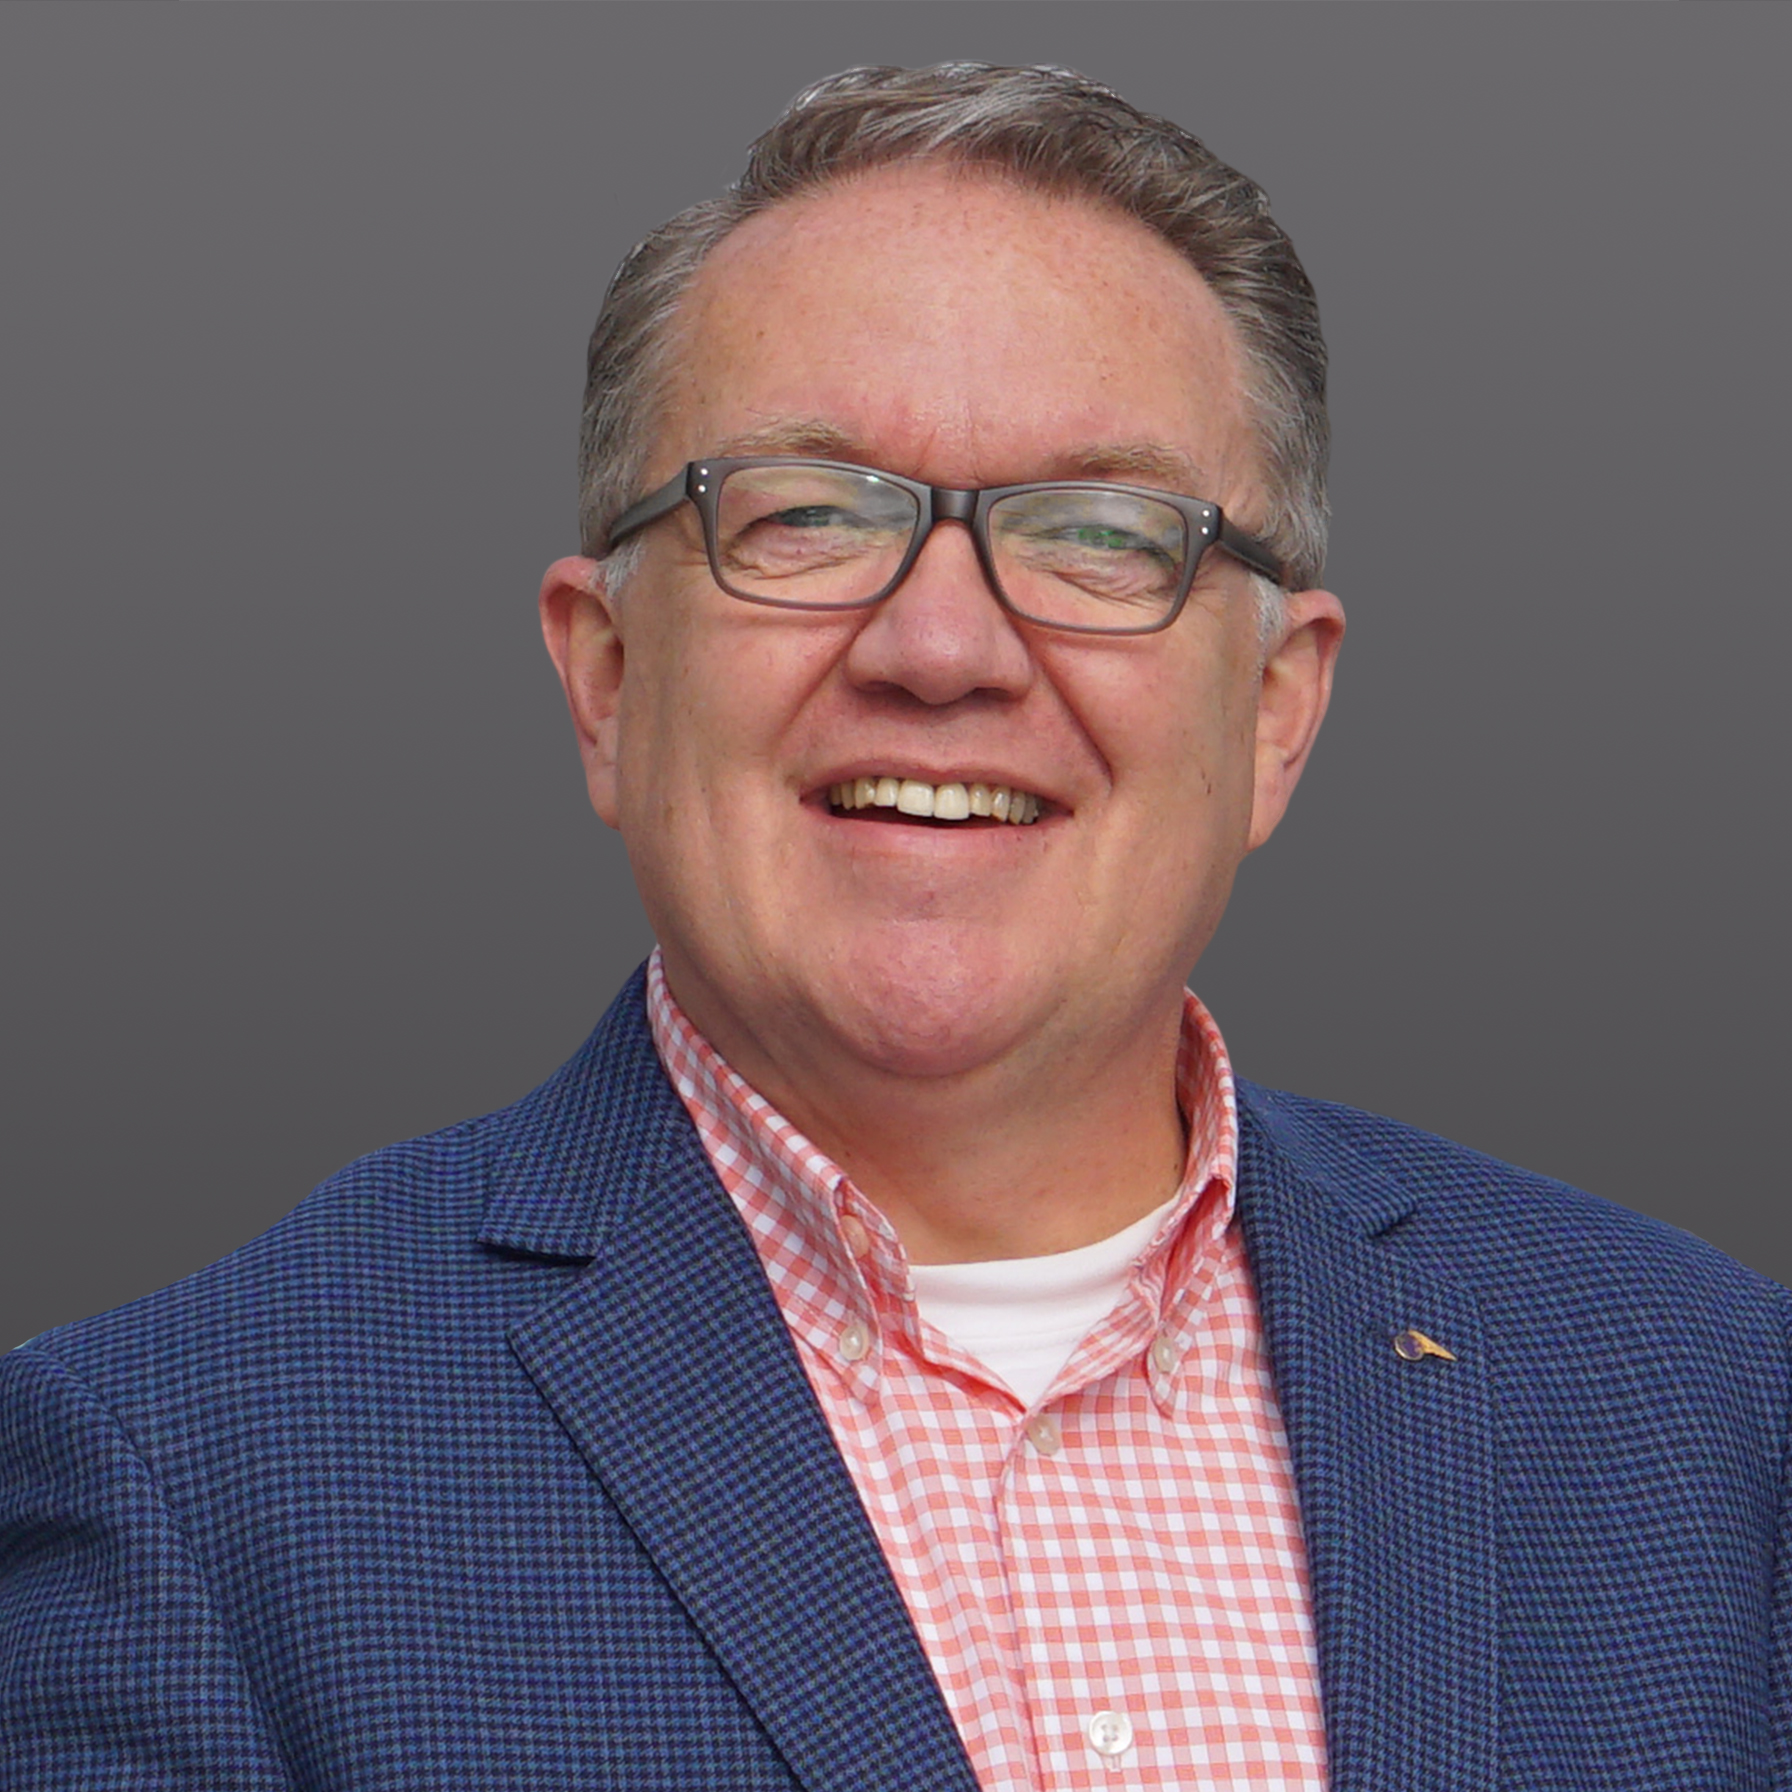 Ken Wagner